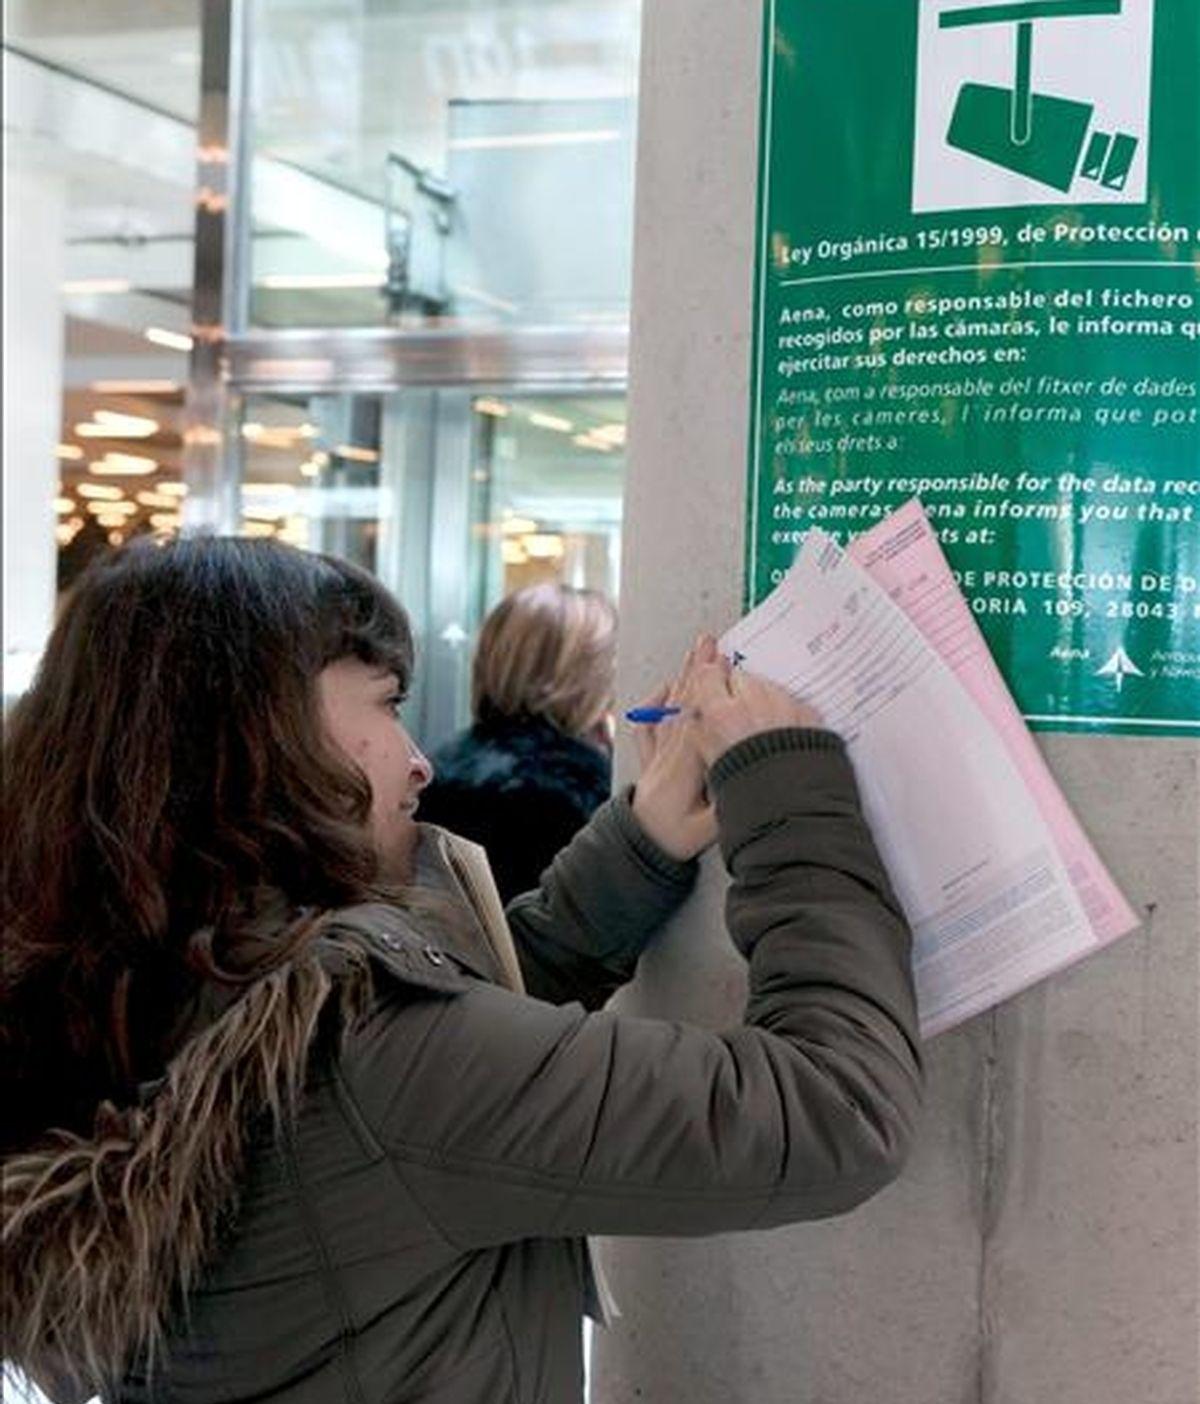 Una mujer rellena una hoja de reclamaciones en el aeropuerto de Son San Joan, en Palma de Mallorca, cuyo cierre provocado por el abandono masivo del puesto de trabajo de los controladores aéreos ha afectado ya a miles de viajeros. EFE